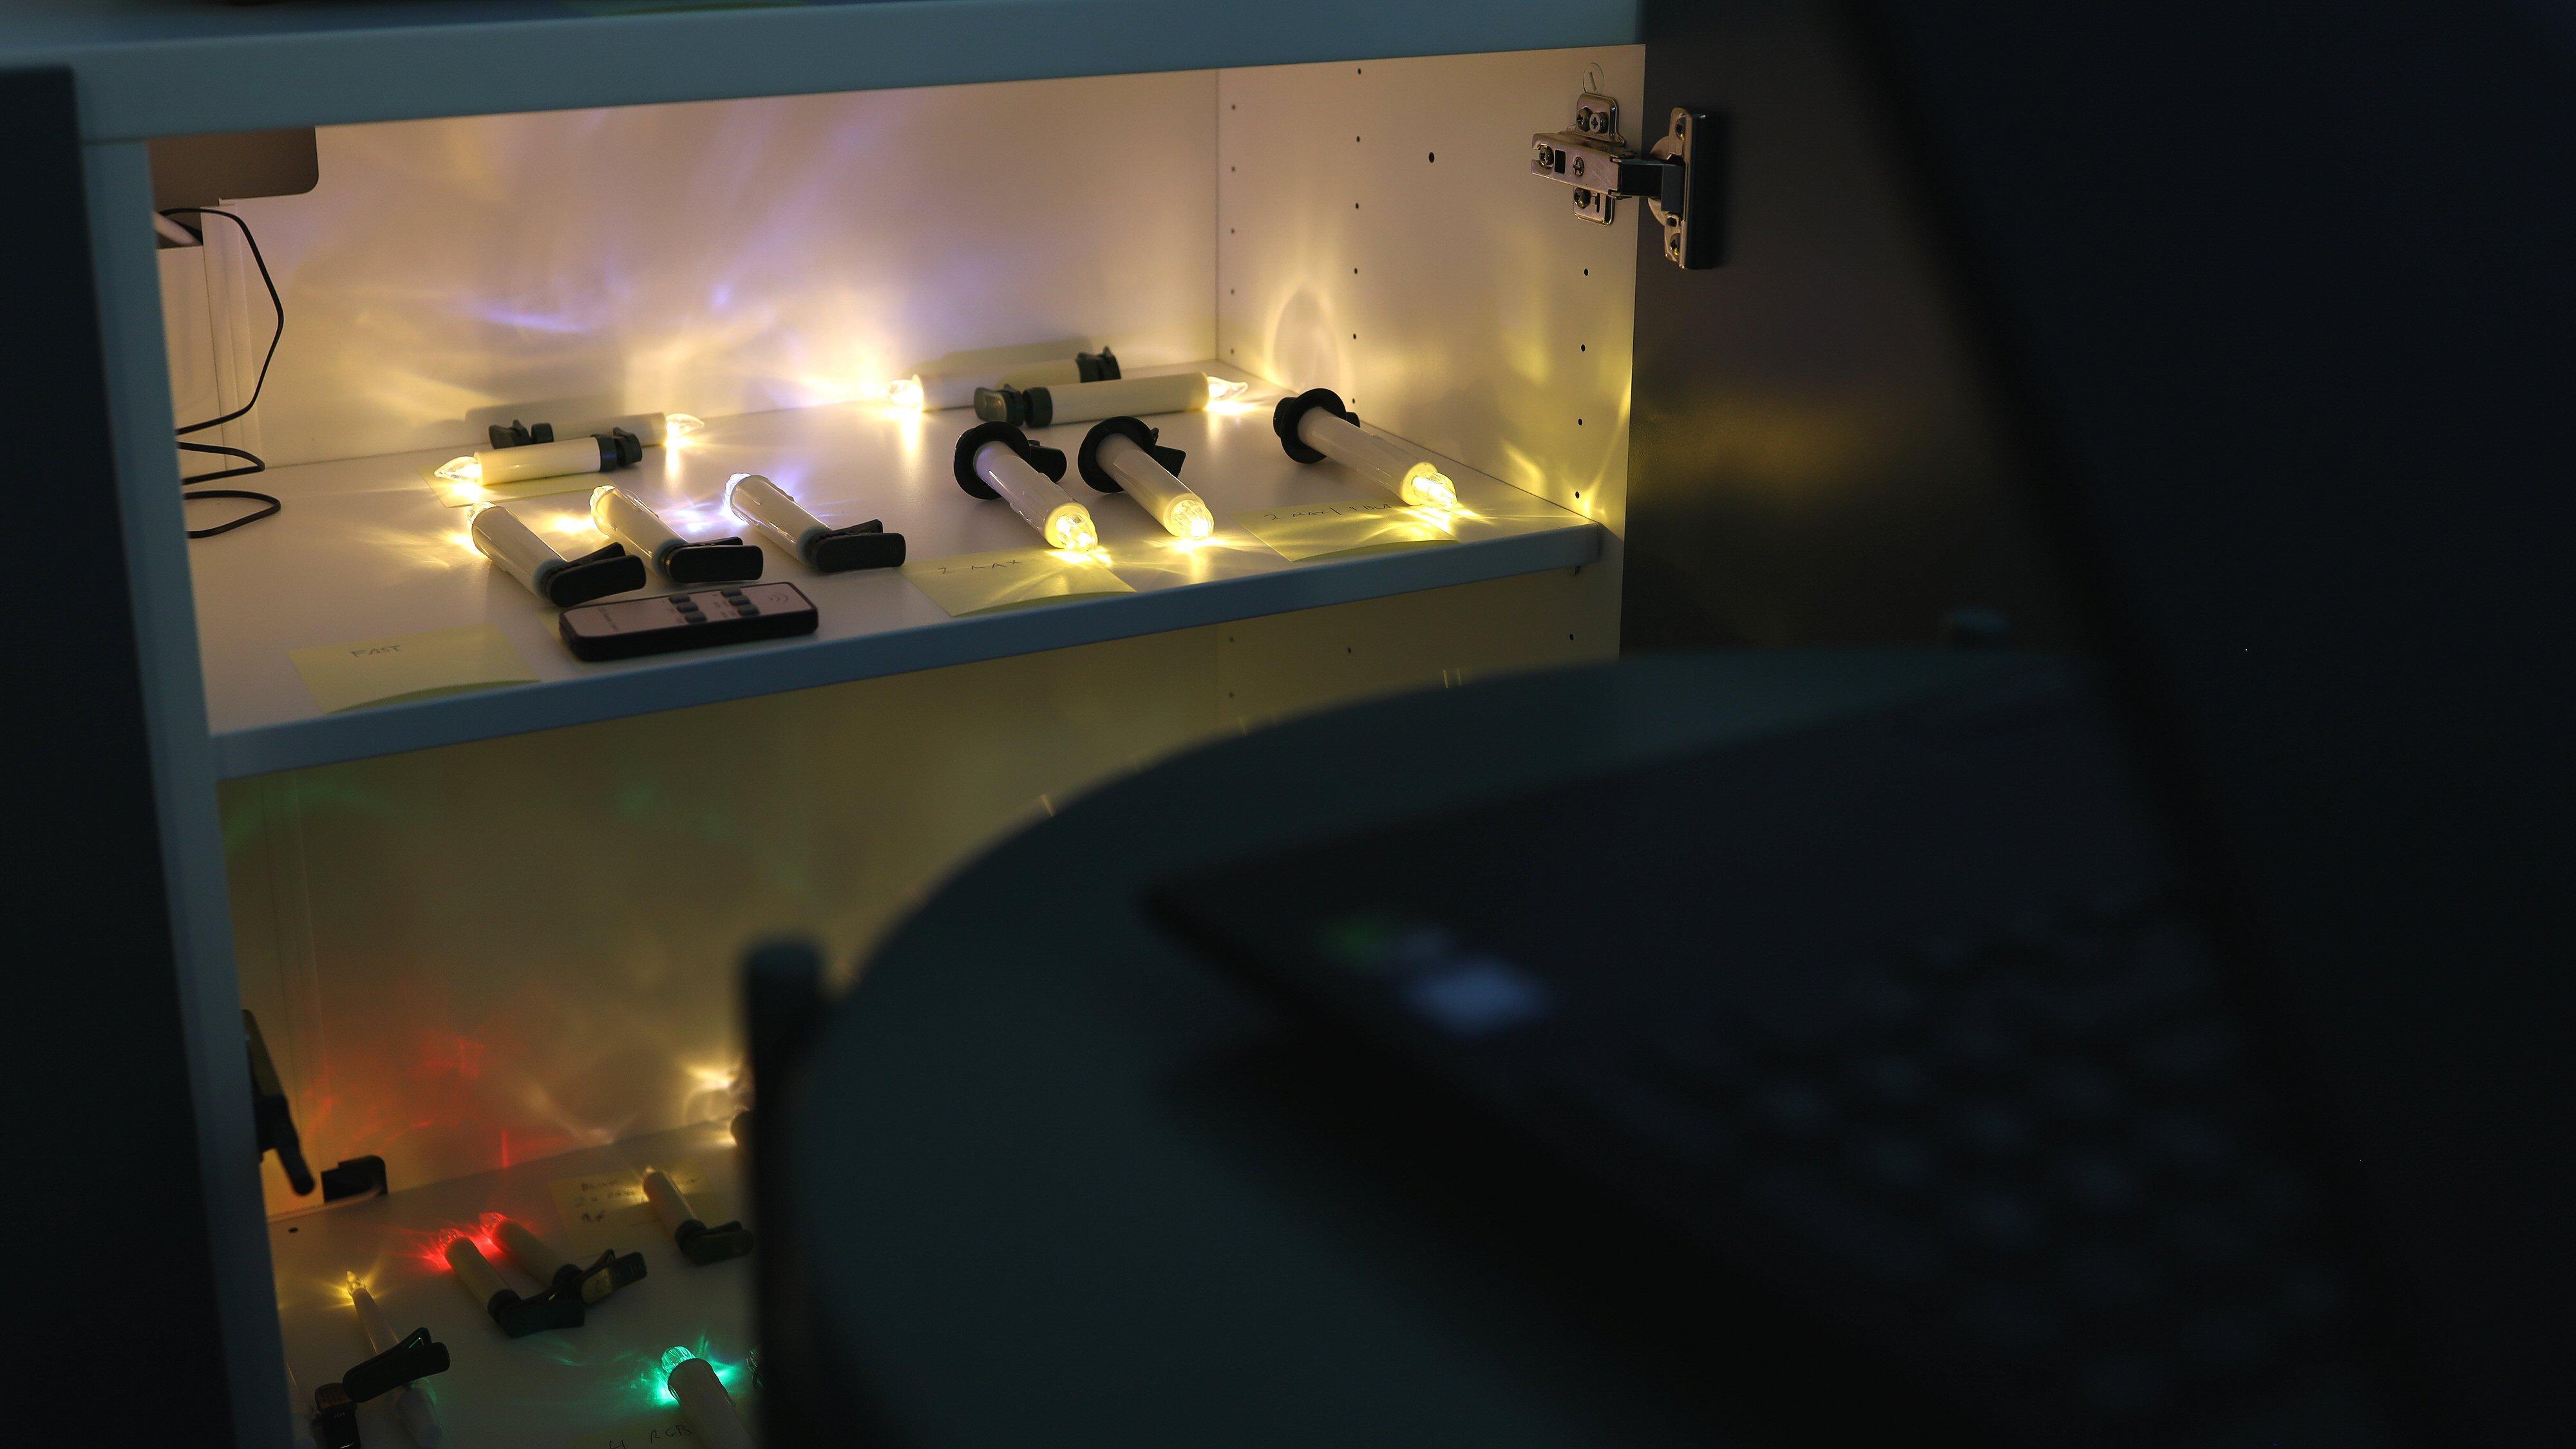 Sakte-TV à la Tek: For å kunne «kikke innom» lysene med mer eller mindre jevne mellomrom, satt vi i 2019 opp en bærbar PC som strømmet det hele ut på en Twitch-kanal. Juletrelys minutt for minutt, altså.